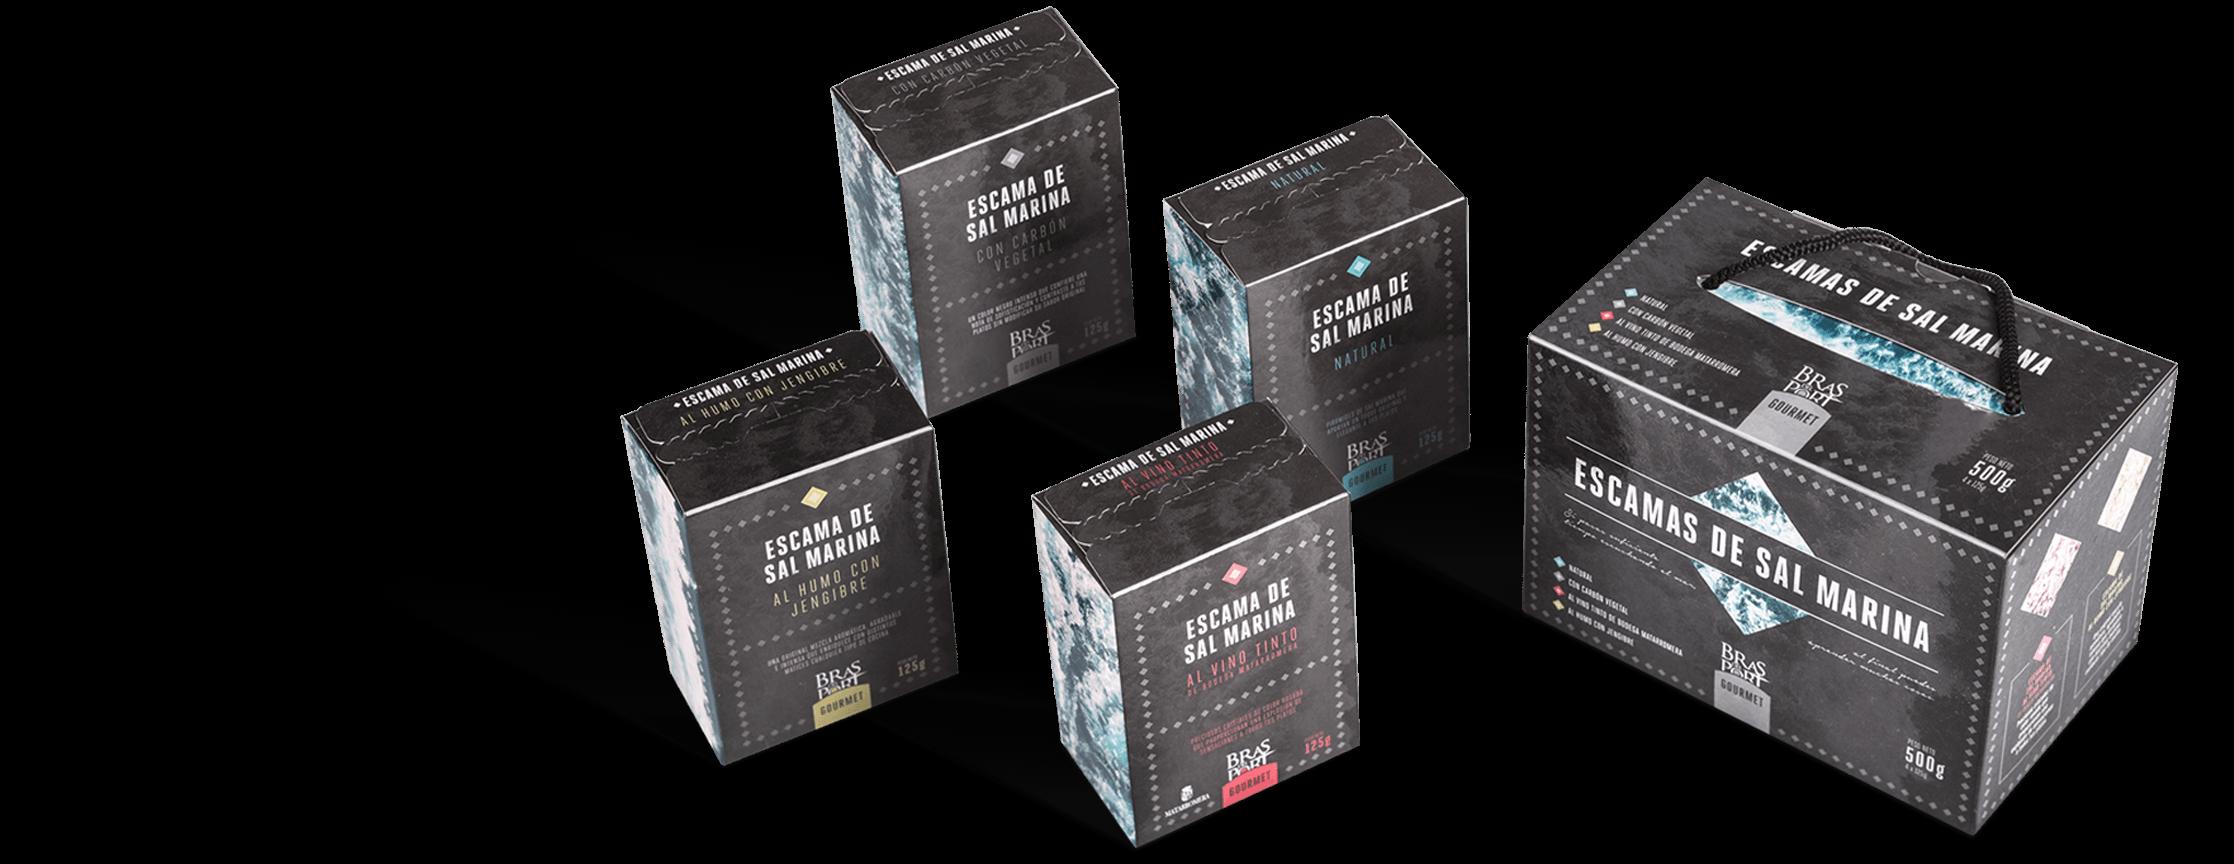 Pack con variedades de escama